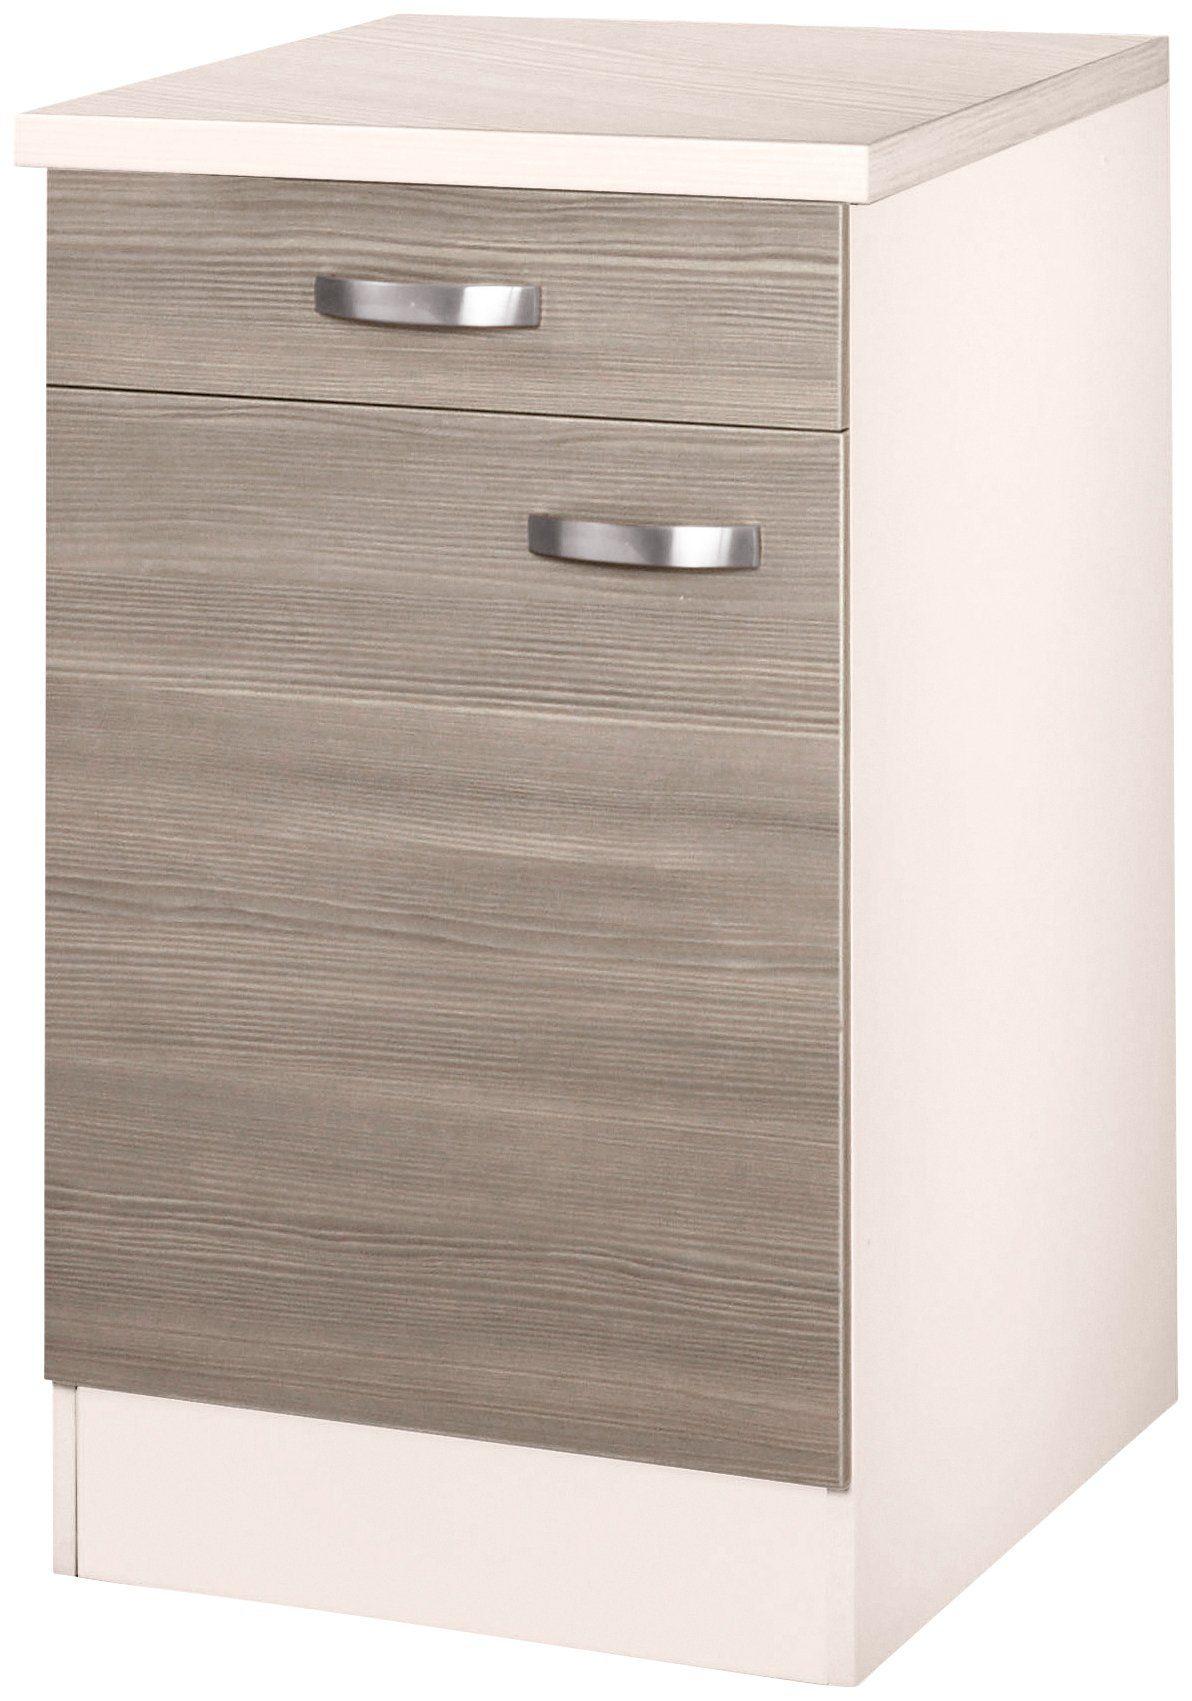 Optifit Küchenunterschrank »Vigo«, Breite 30 cm